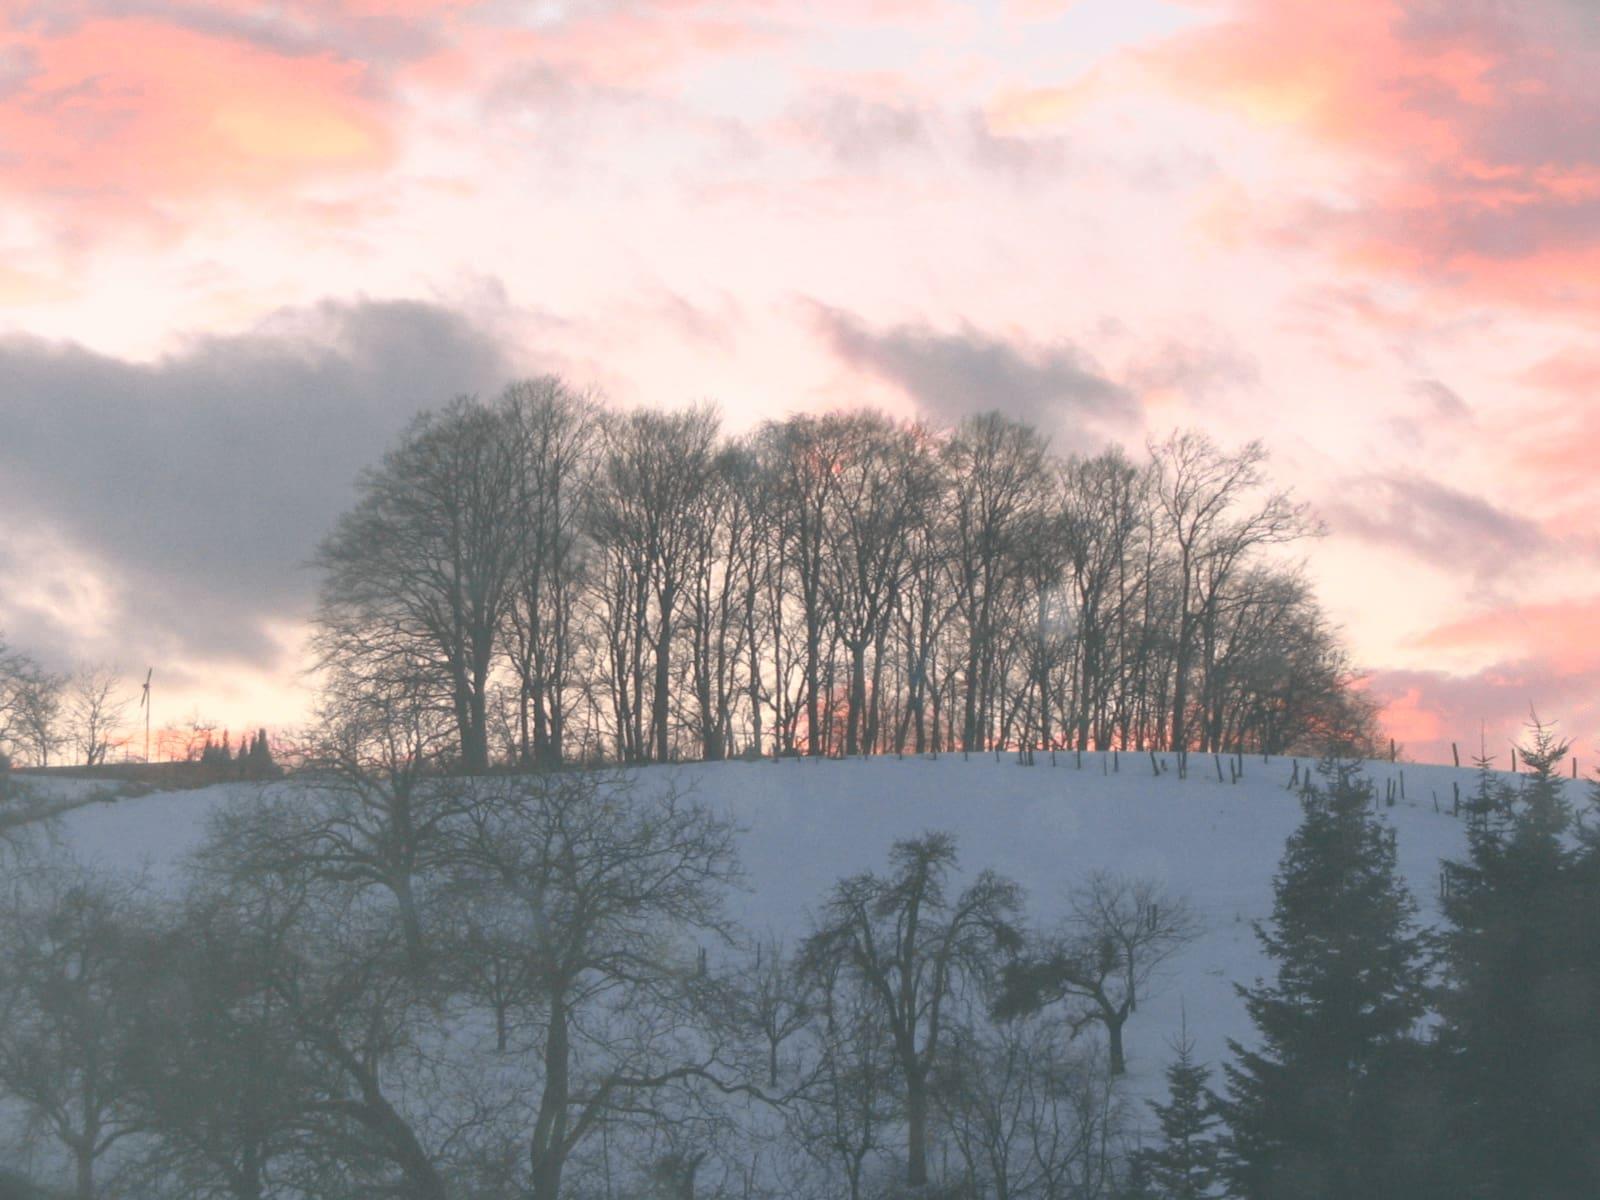 Cranio Sacral Heilmethode Kurse + Ausbildung Vöckelsbach Hain im Winter